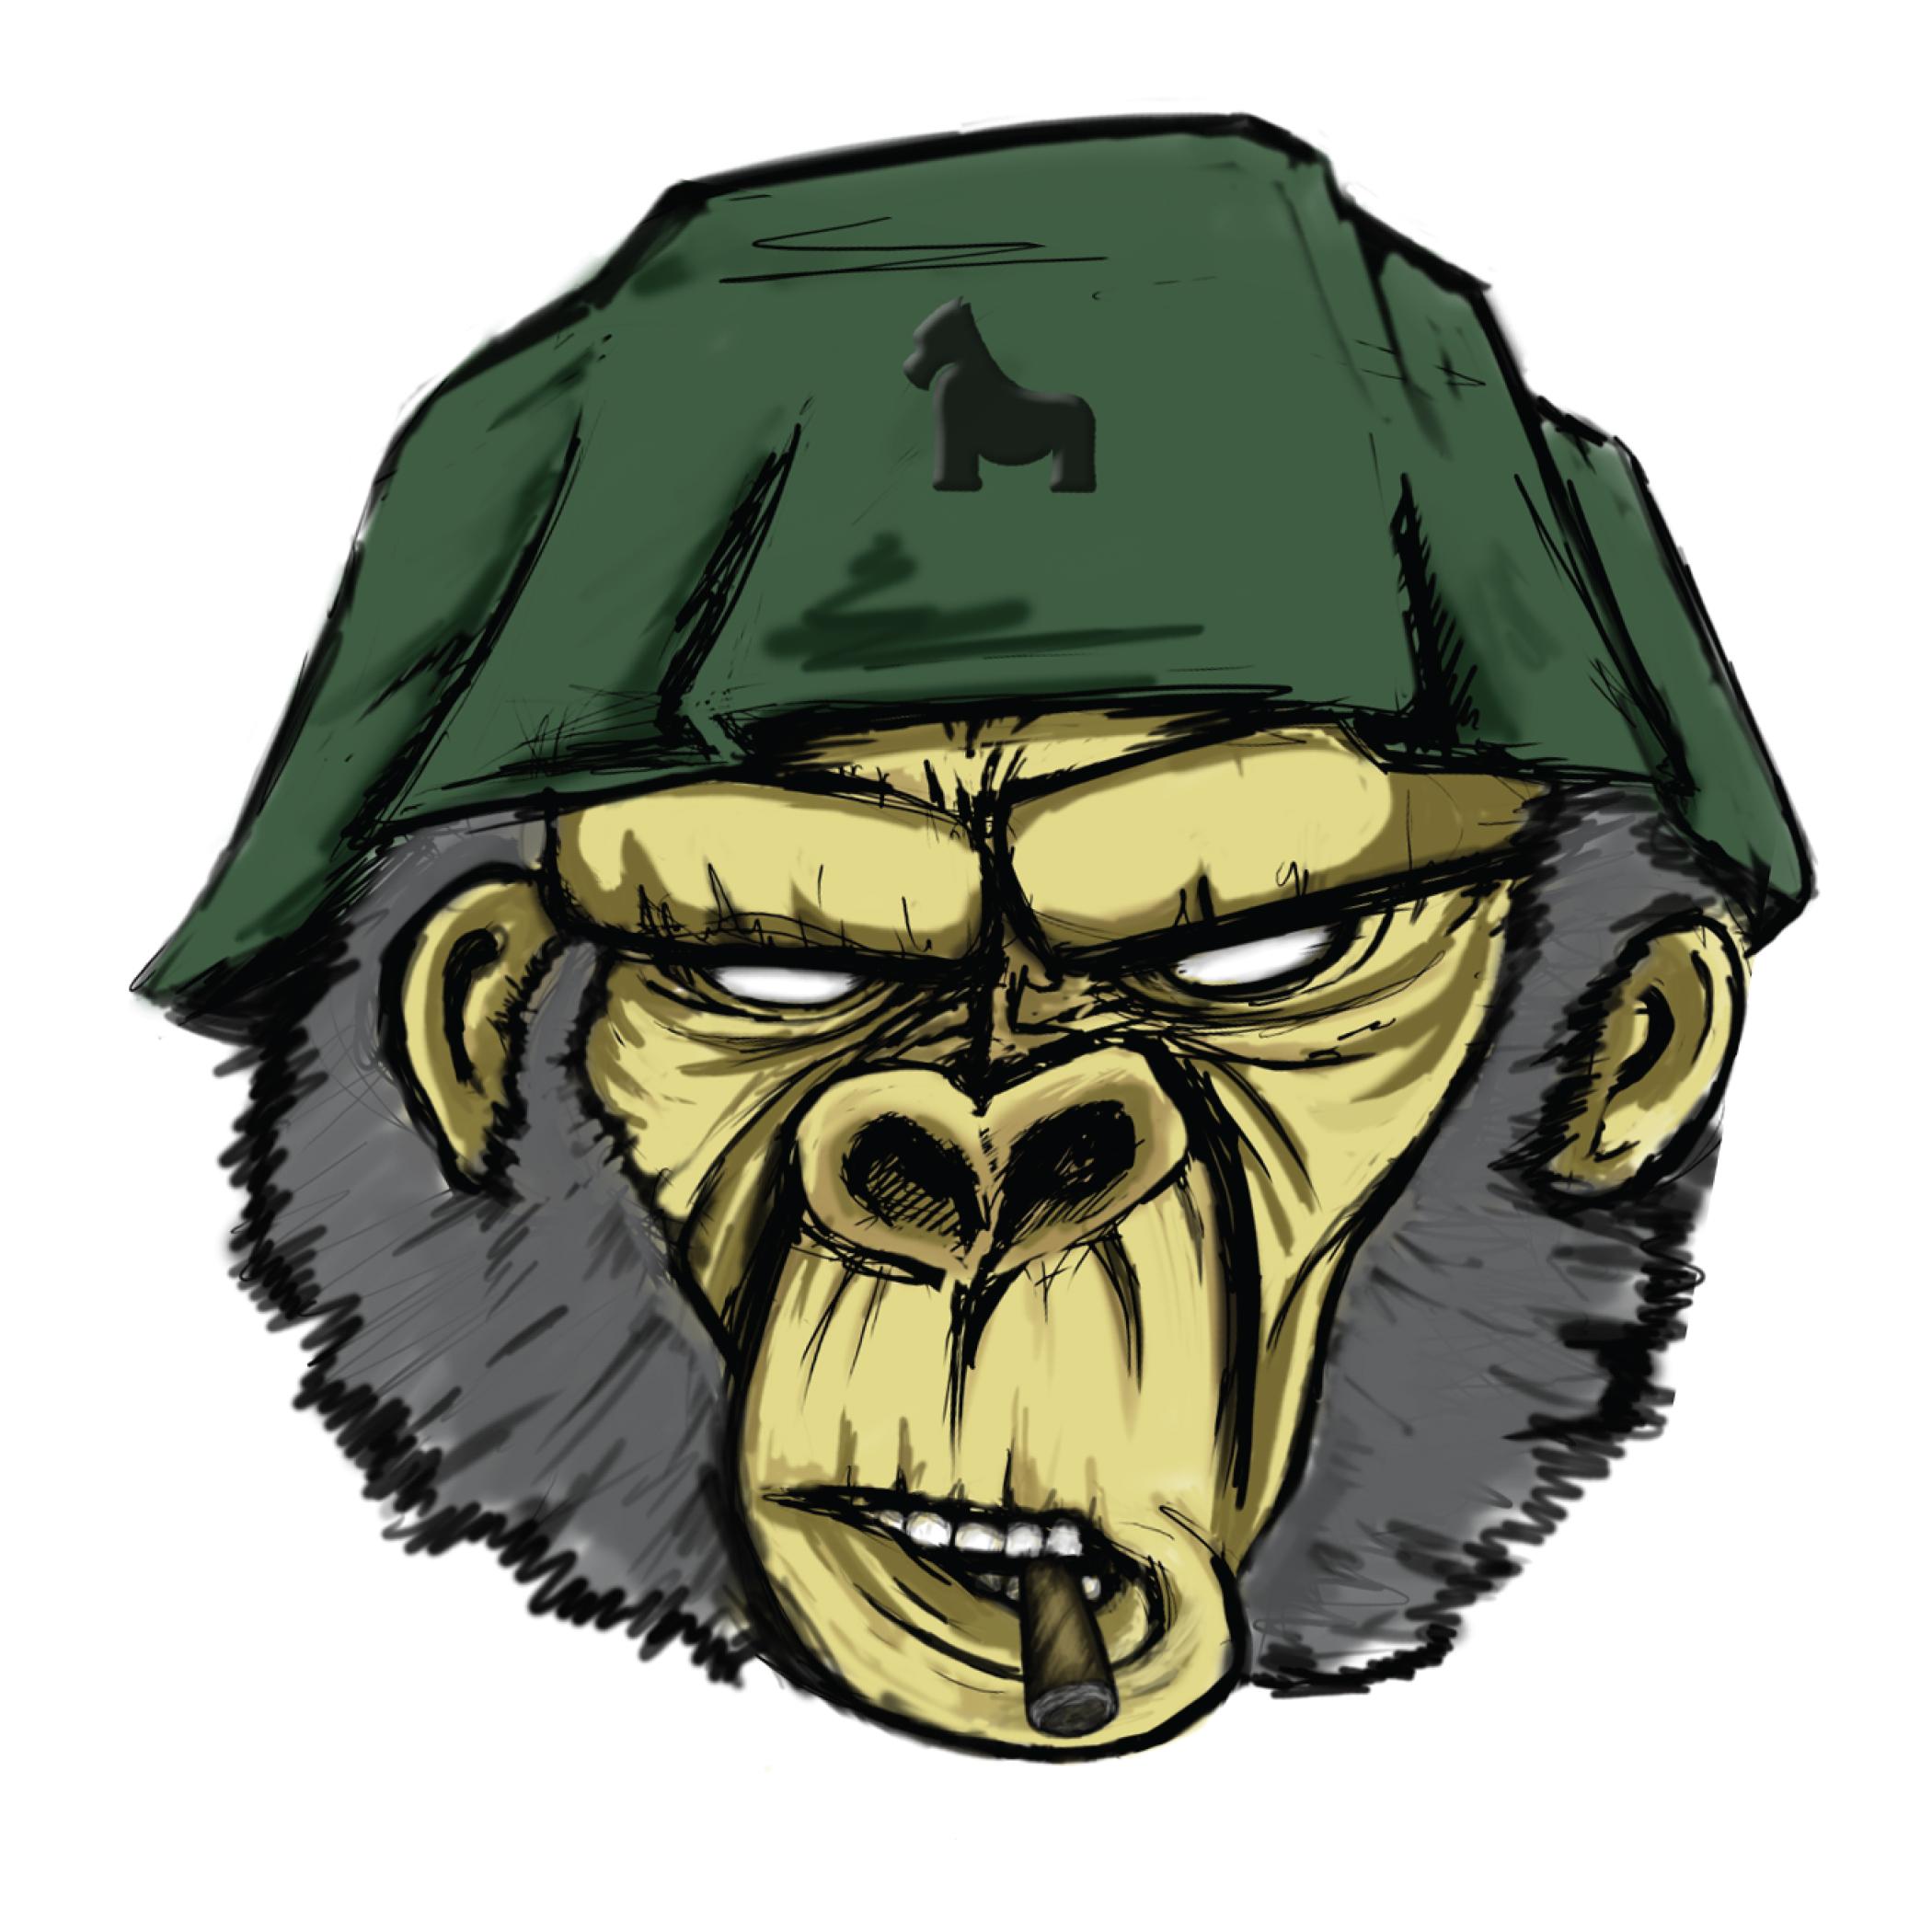 Gorilla With Attitude Sticker